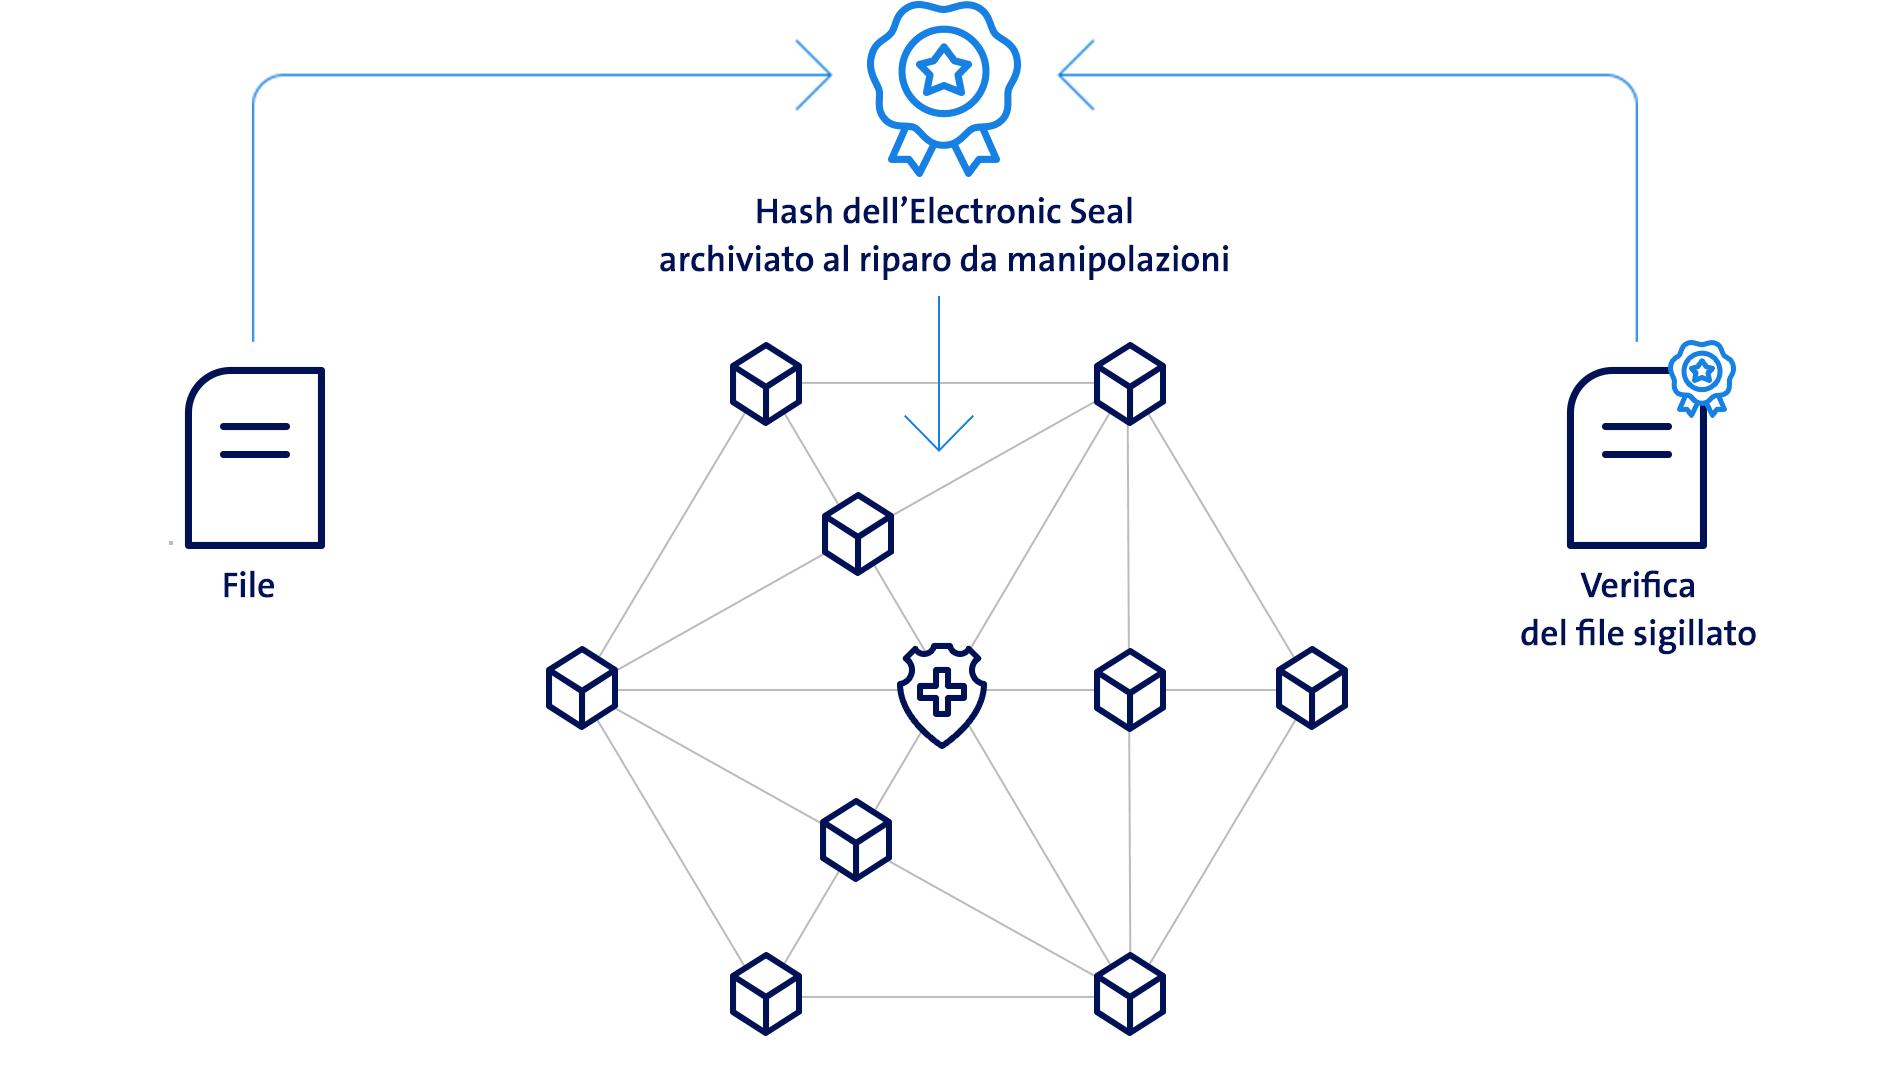 Grafico della firma blockchain Electronic Seal di Swisscom